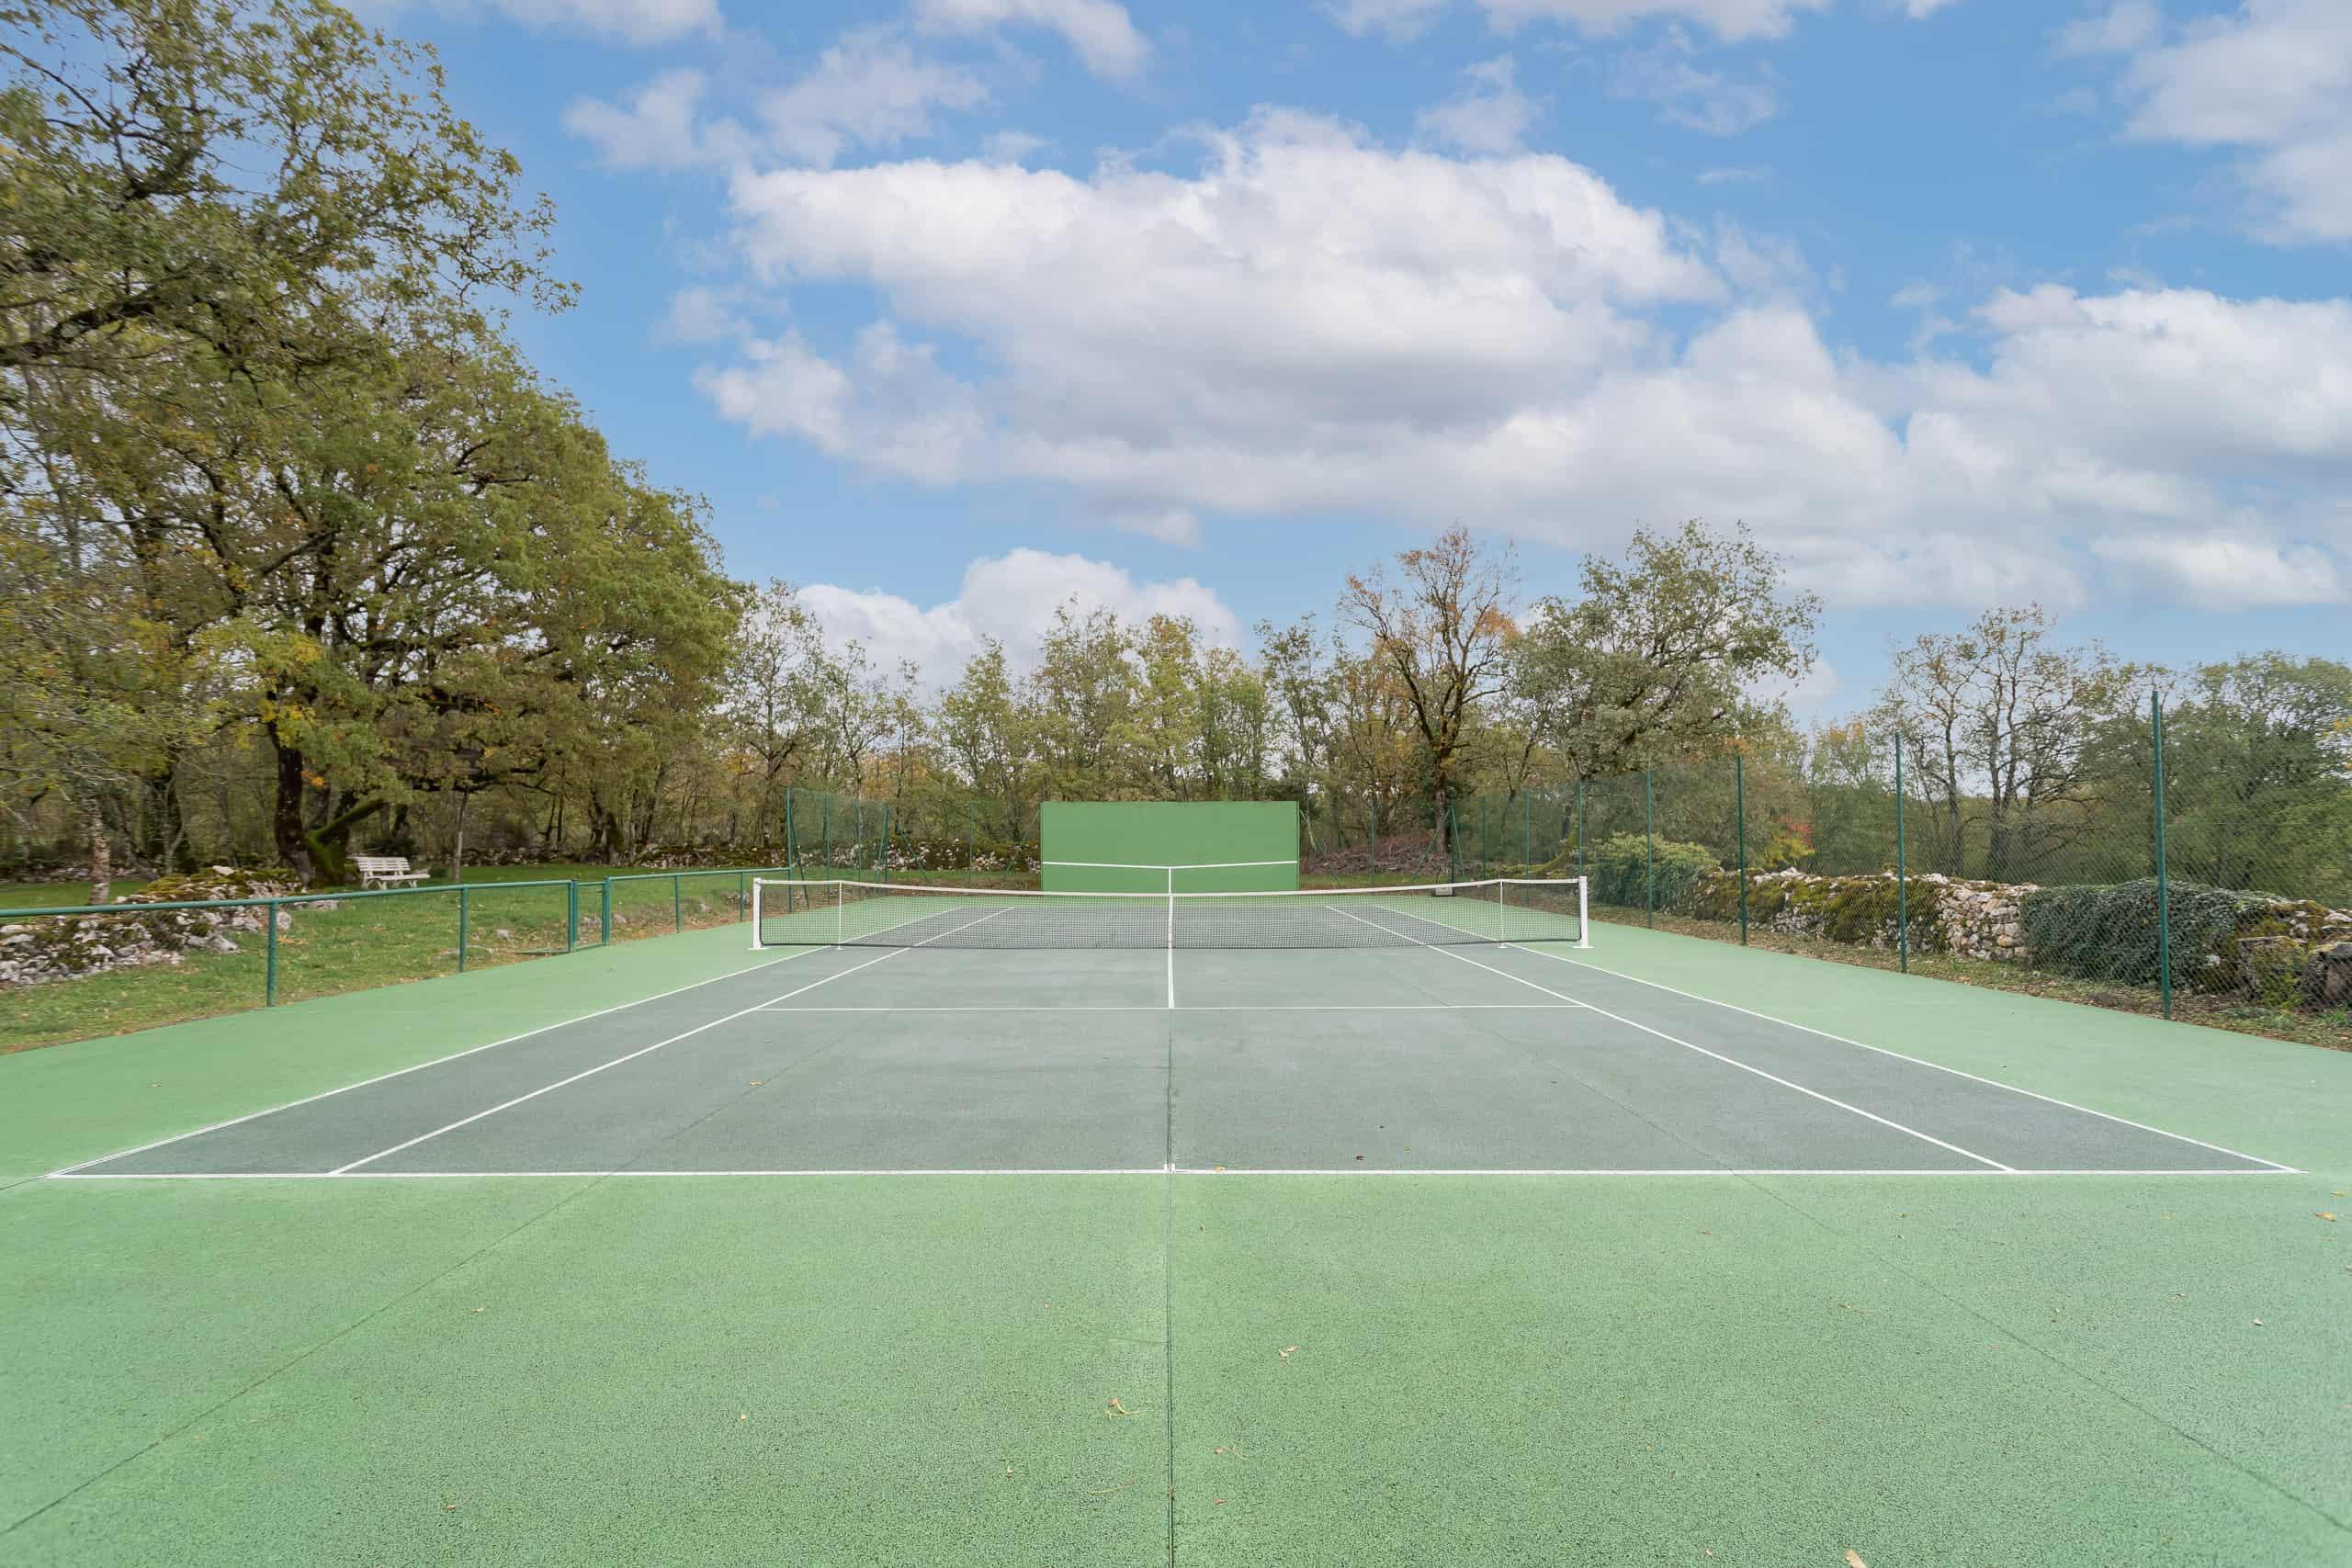 Tennis-court-WMC018